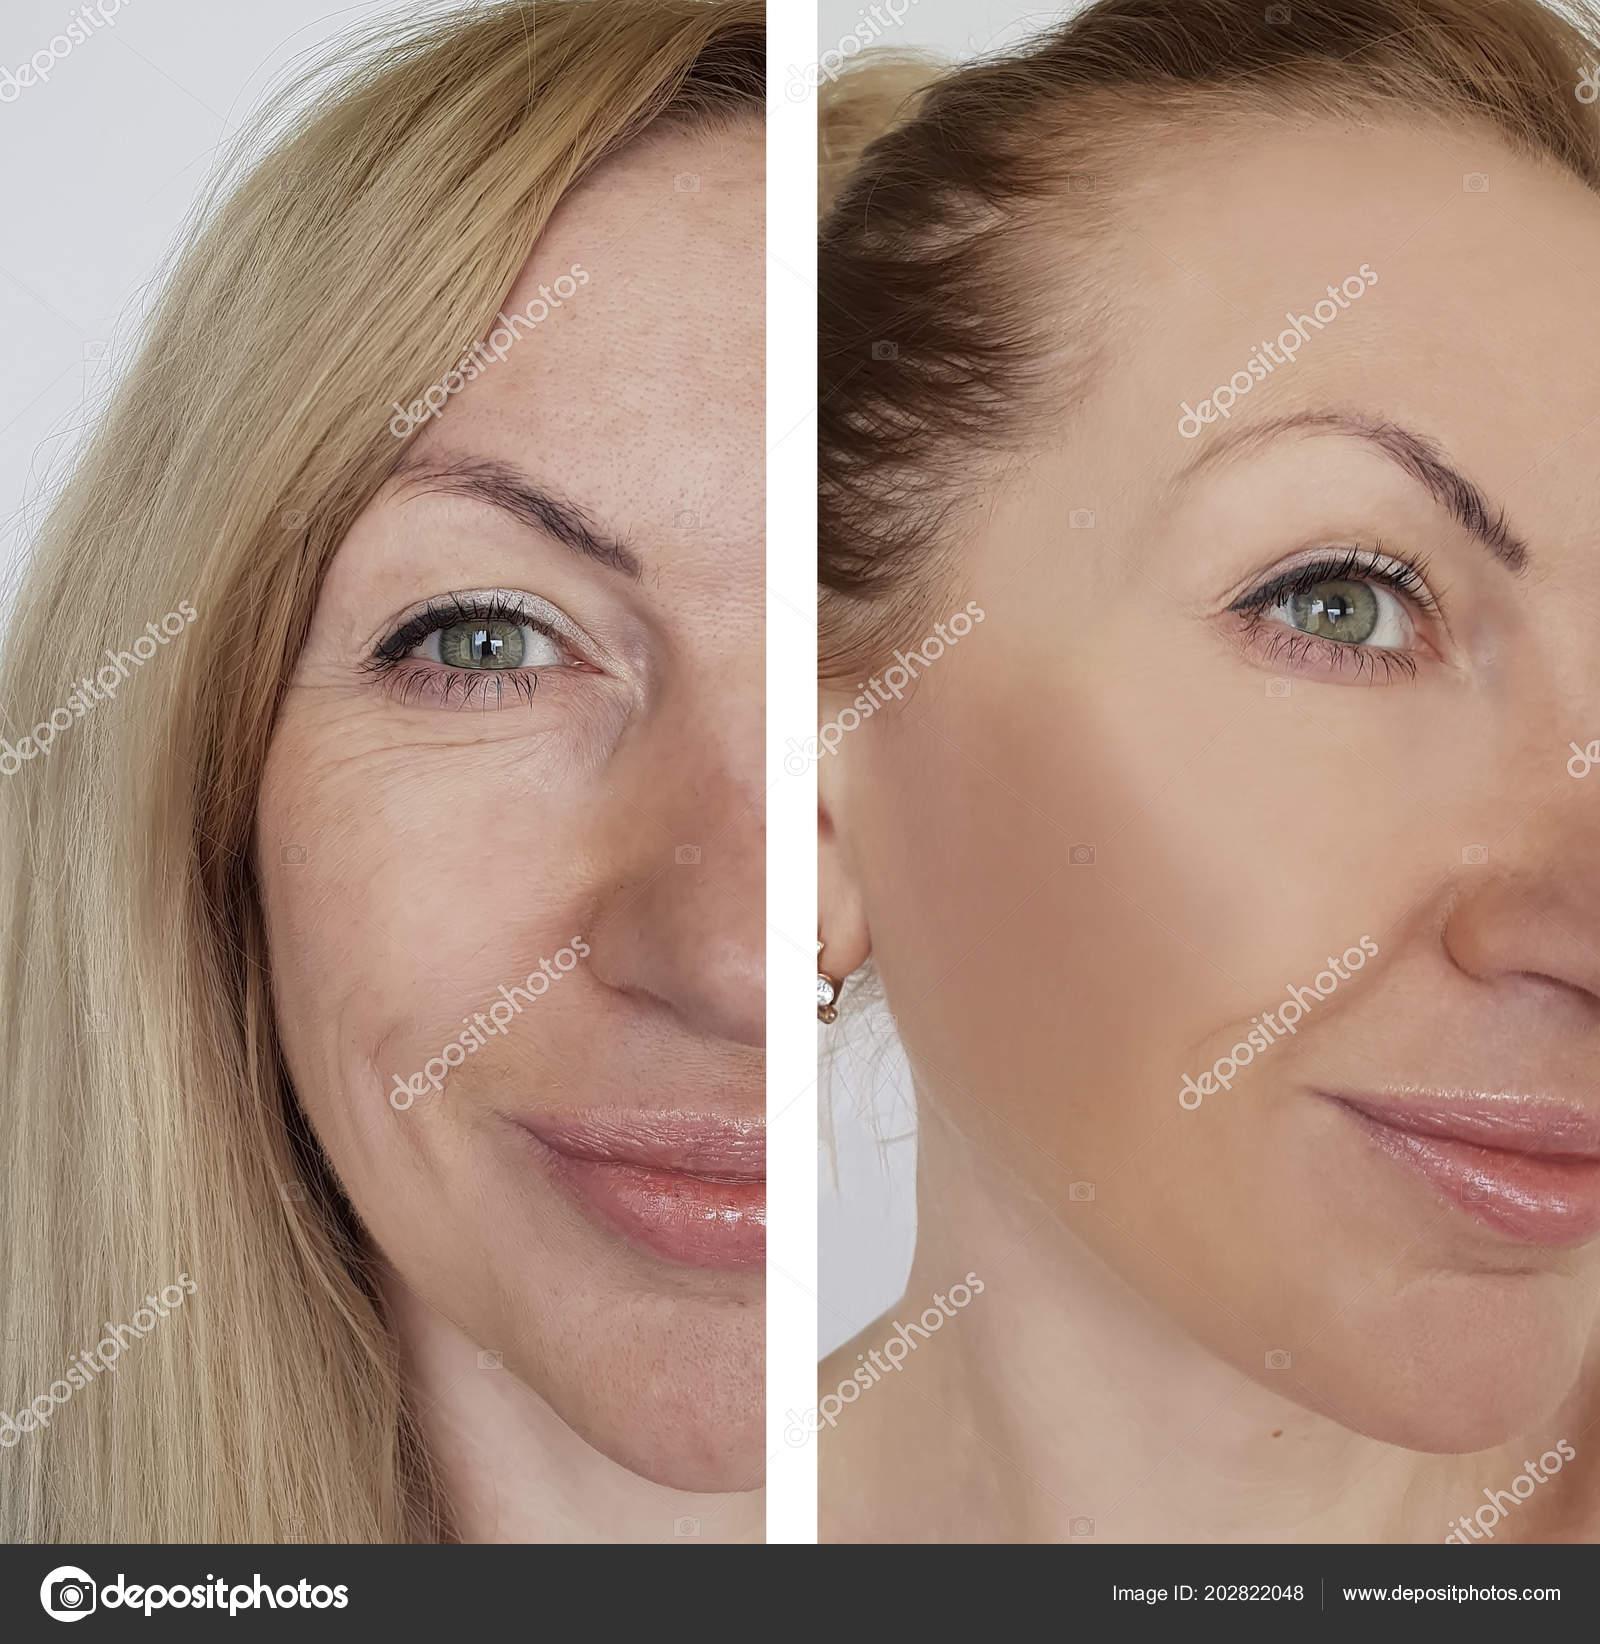 8bcdd79fea98 Falten Gesicht Frau Vor Und Nach Kosmetischen Eingriffen — Stockfoto ...